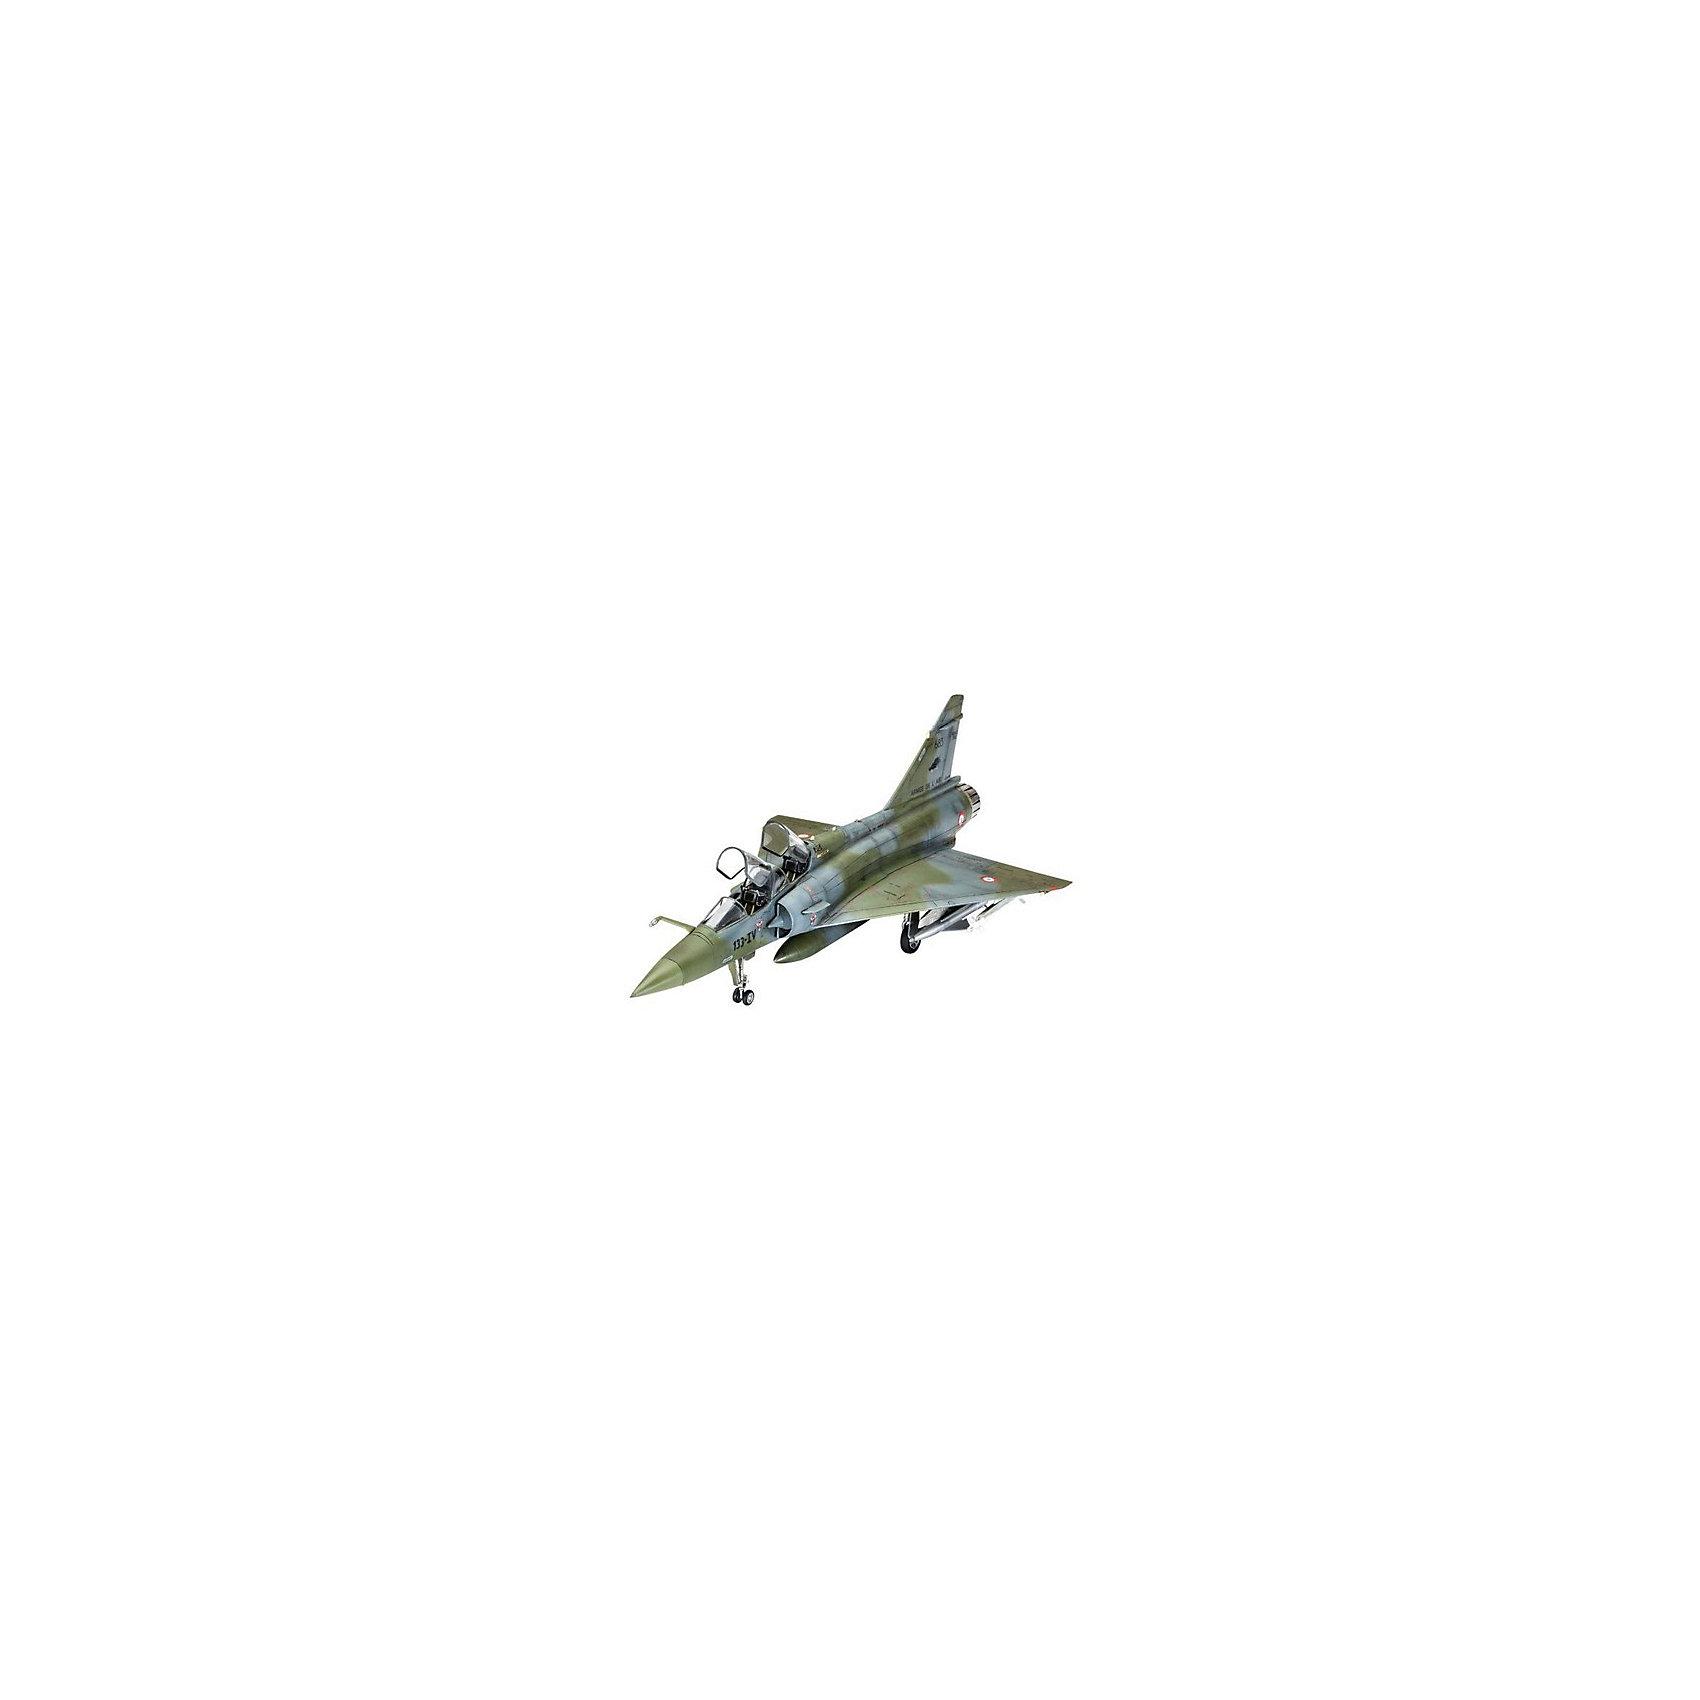 Набор Истребитель Mirage 2000DМодели для склеивания<br>Французский истребитель Mirage 2000D – многоцелевой боевой самолёт, который способен подняться на высоту до 15 000 метров в течение 4 минут и достигнуть скорости в 2 Маха.   Тщательно проработанная сборная модель истребителя Mirage 2000D представляет собой абсолютно точную уменьшенную копию своего прототипа в масштабе 1:72. Модель выполнена в мельчайших подробностях: каждая поверхность имеет свою уникальную фактуру, кабина пилотов с двумя креслами точно детализирована, также макет самолёта дополняют детализированные шасси, две управляемые ракеты Magic, две управляемые ракеты AS.30, а также зонд для заправки в воздухе. Всего модель состоит из 74 отдельных компонентов, которые предстоит собрать воедино, склеить и покрыть краской в соответствии с инструкцией в комплекте. В наборе также прилагается клей в удобной упаковке, которая не позволит запачкать пальцы, набор красок и кисточка для удобной покраски. Длина готовой модели составляет 207 мм, а размах крыльев макета самолёта – 123 мм.   Сборная модель предназначена для детей от 10 лет. Она принесёт массу положительных эмоцию не только юному моделисту, но и взрослому любителю и коллекционеру военной техники разных стран. Моделирование относят к одному из наиболее полезных хобби, ведь оно отлично тренирует мелкую моторику, развивает такие навыки как усидчивость, аккуратность и внимательность. Кроме того, развивается пространственное мышление, логика и креативность.<br><br>Ширина мм: 9999<br>Глубина мм: 9999<br>Высота мм: 9999<br>Вес г: 9999<br>Возраст от месяцев: 120<br>Возраст до месяцев: 2147483647<br>Пол: Мужской<br>Возраст: Детский<br>SKU: 7122347